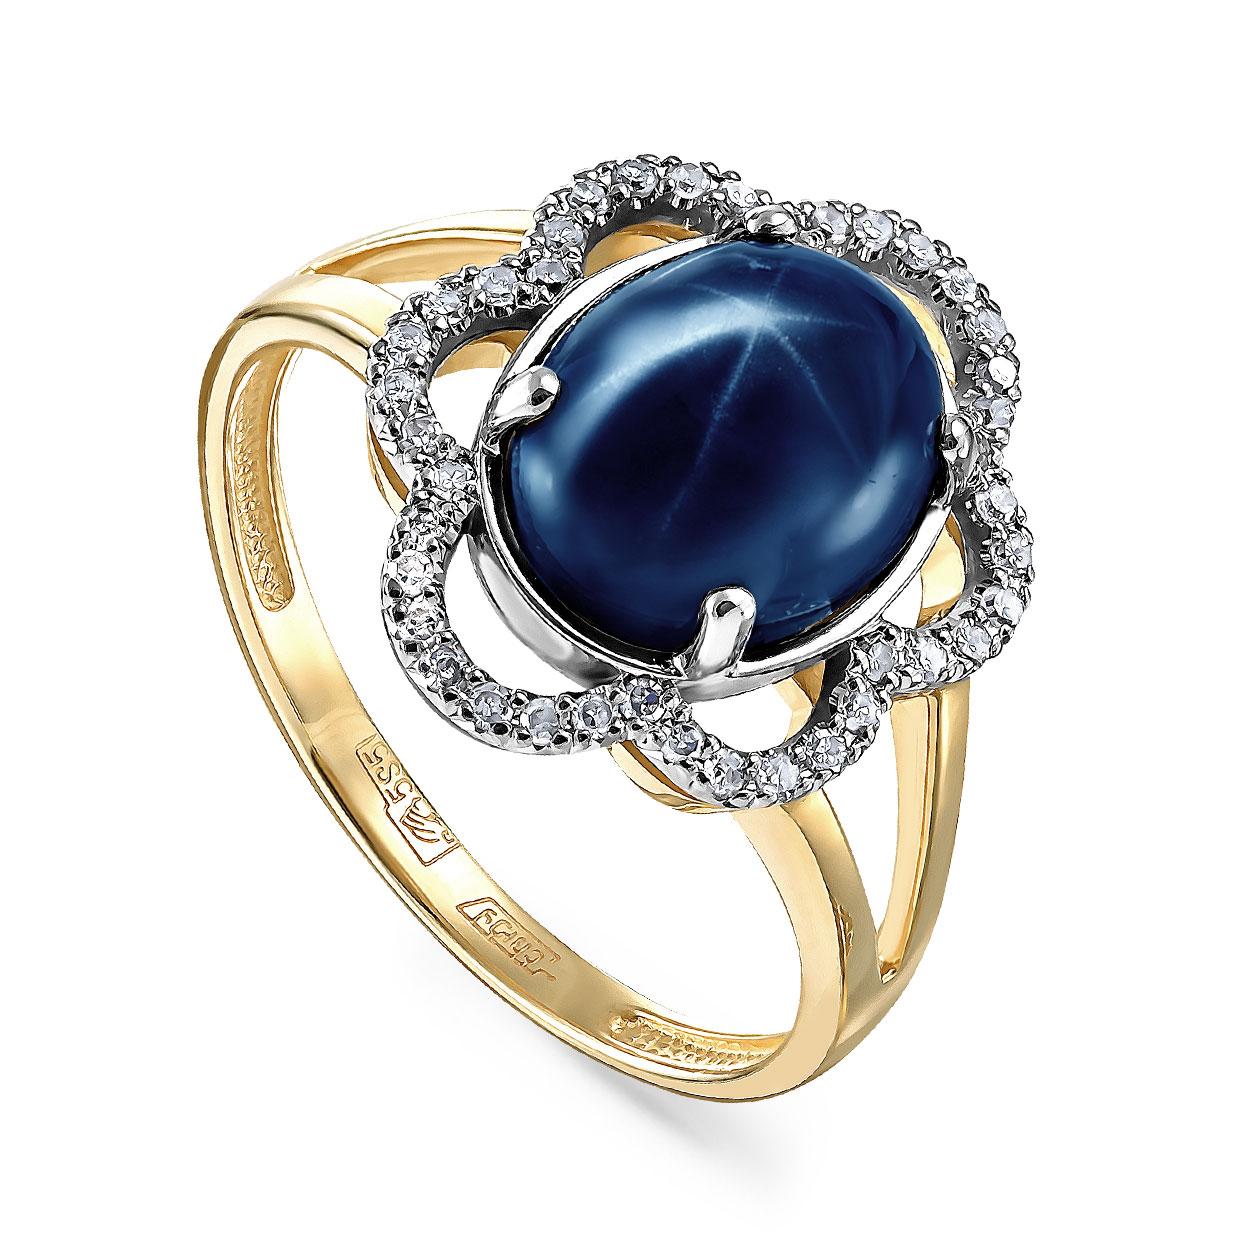 Кольцо из лимонного золота Бриллиант и Сапфир арт. 1-2313-1400 1-2313-1400